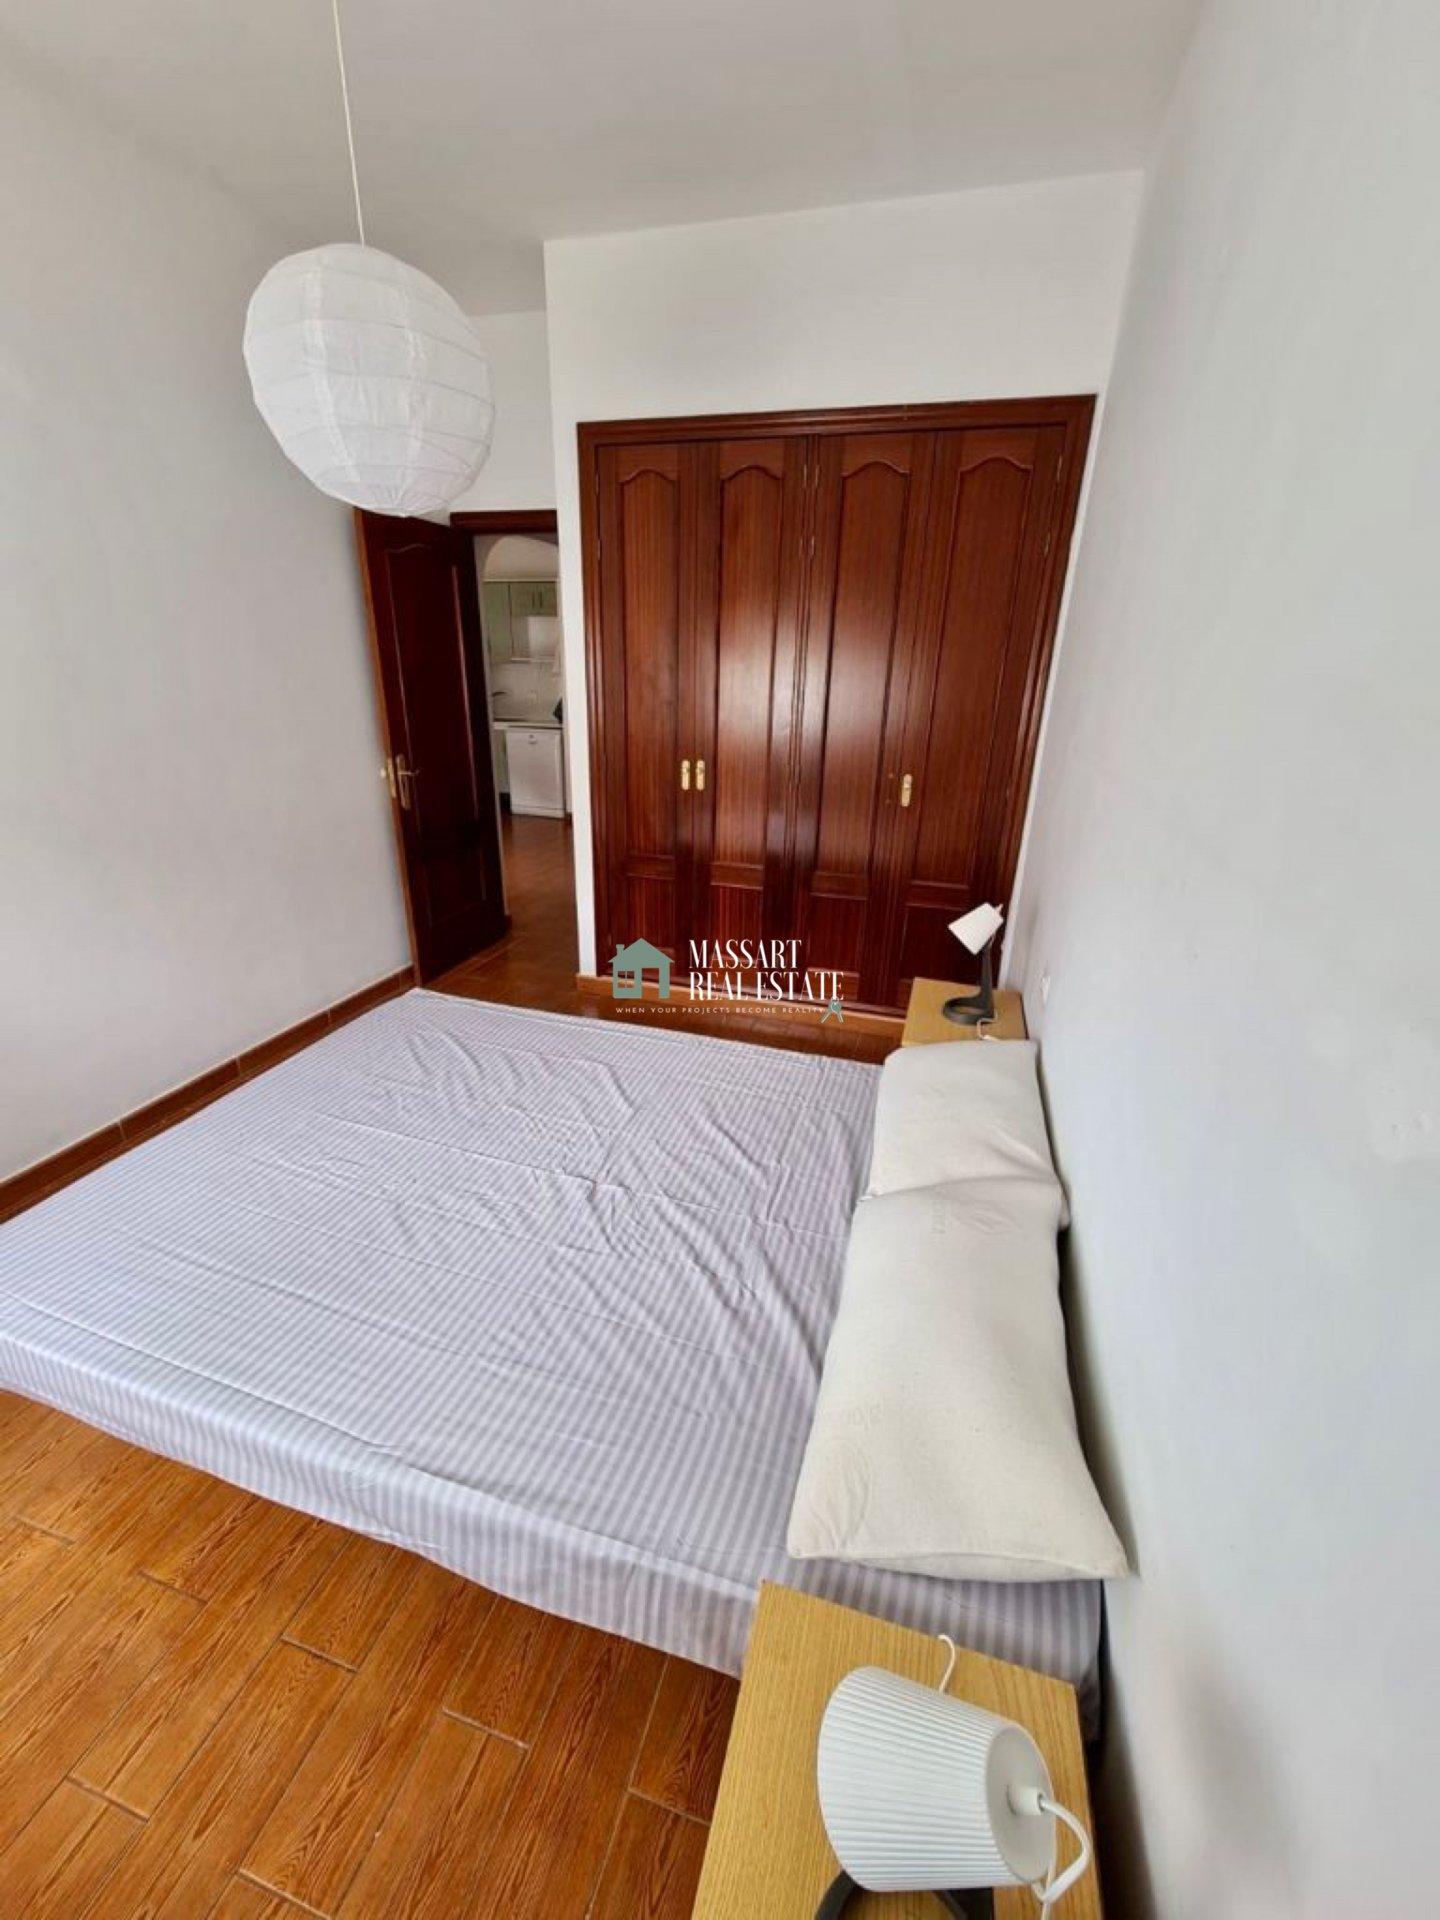 In affitto a Guía de Isora, un luminoso appartamento di 90 m2 completamente arredato ... ideale per godersi una vita tranquilla.